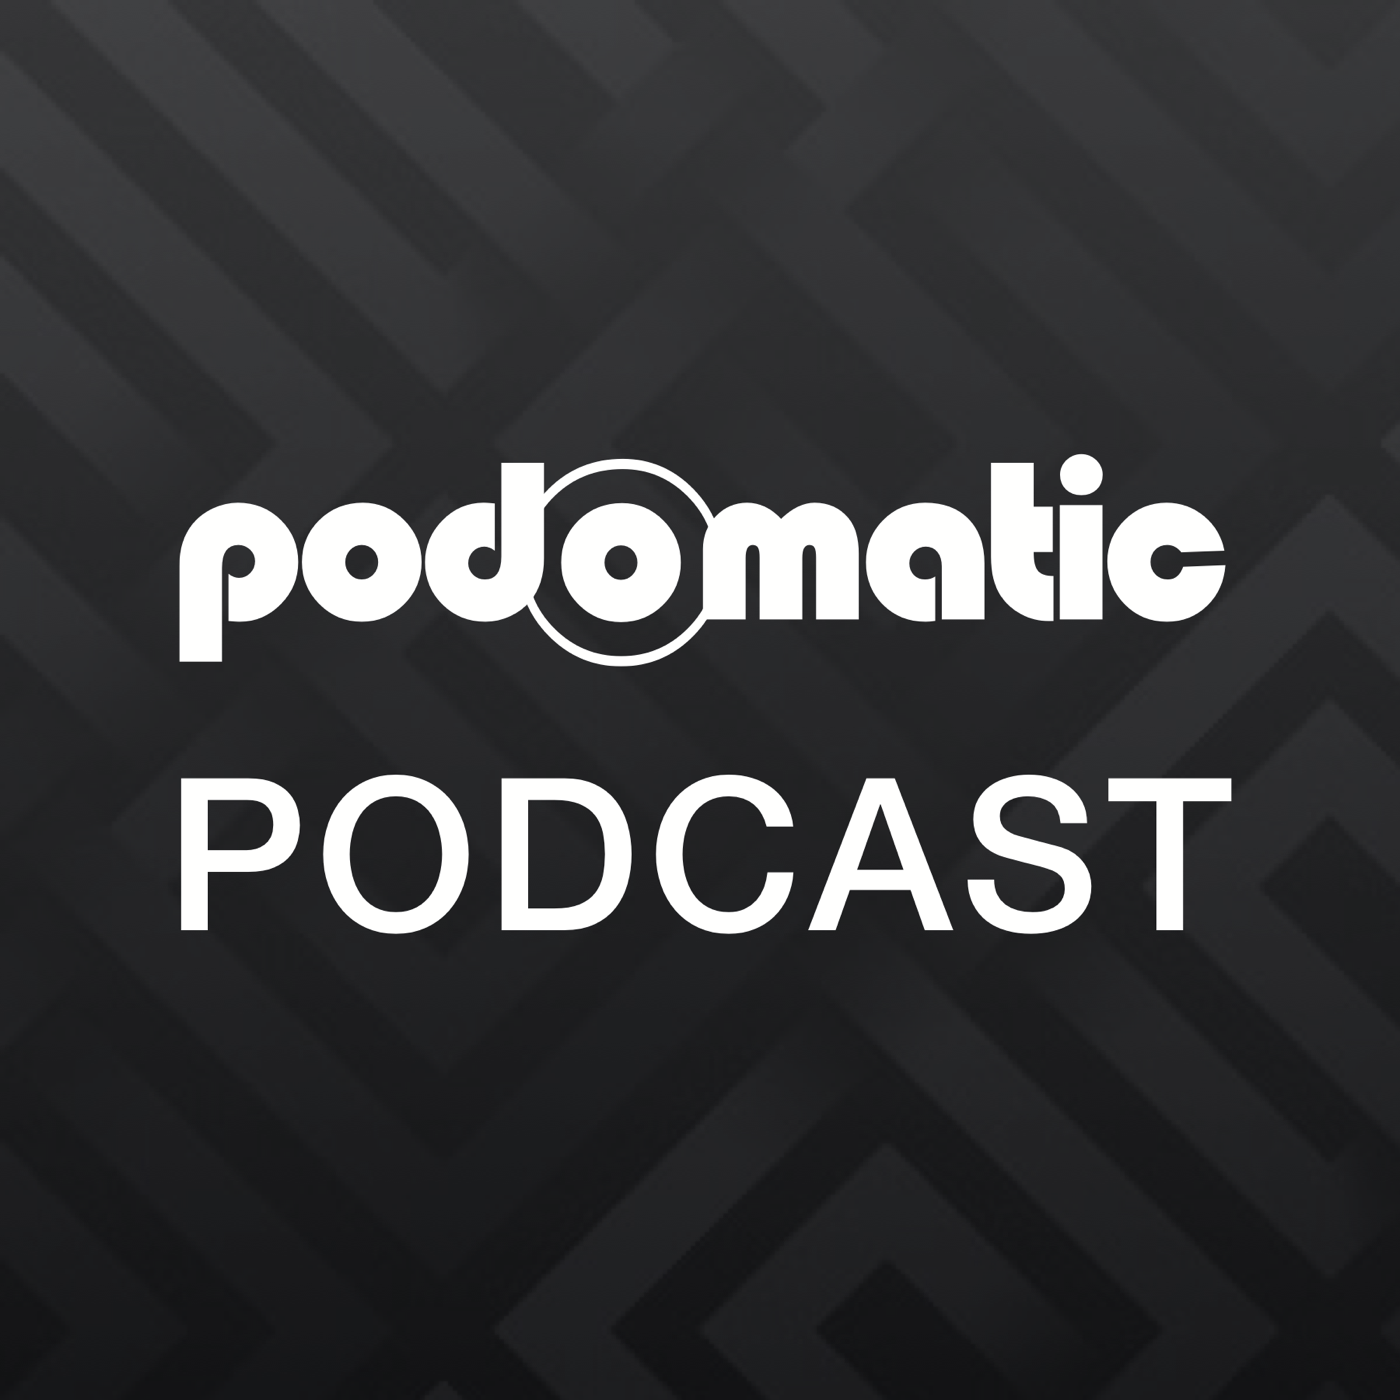 johny dsoza's Podcast